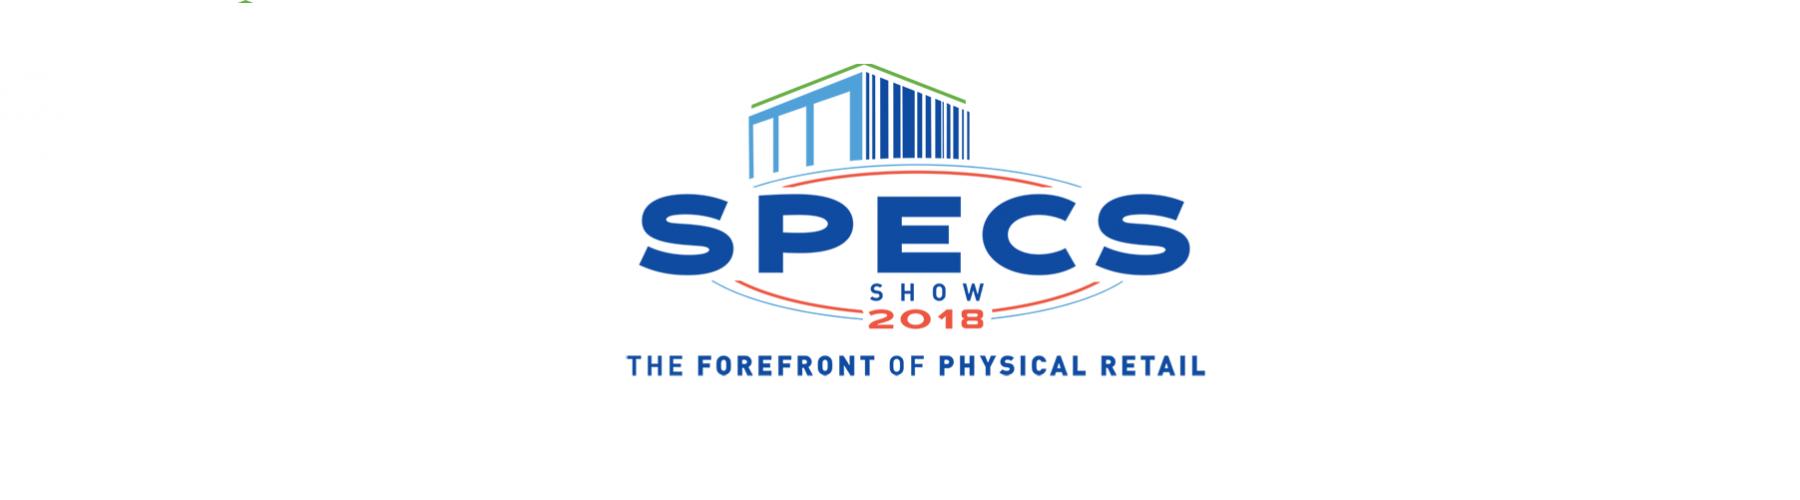 SPECS 2018